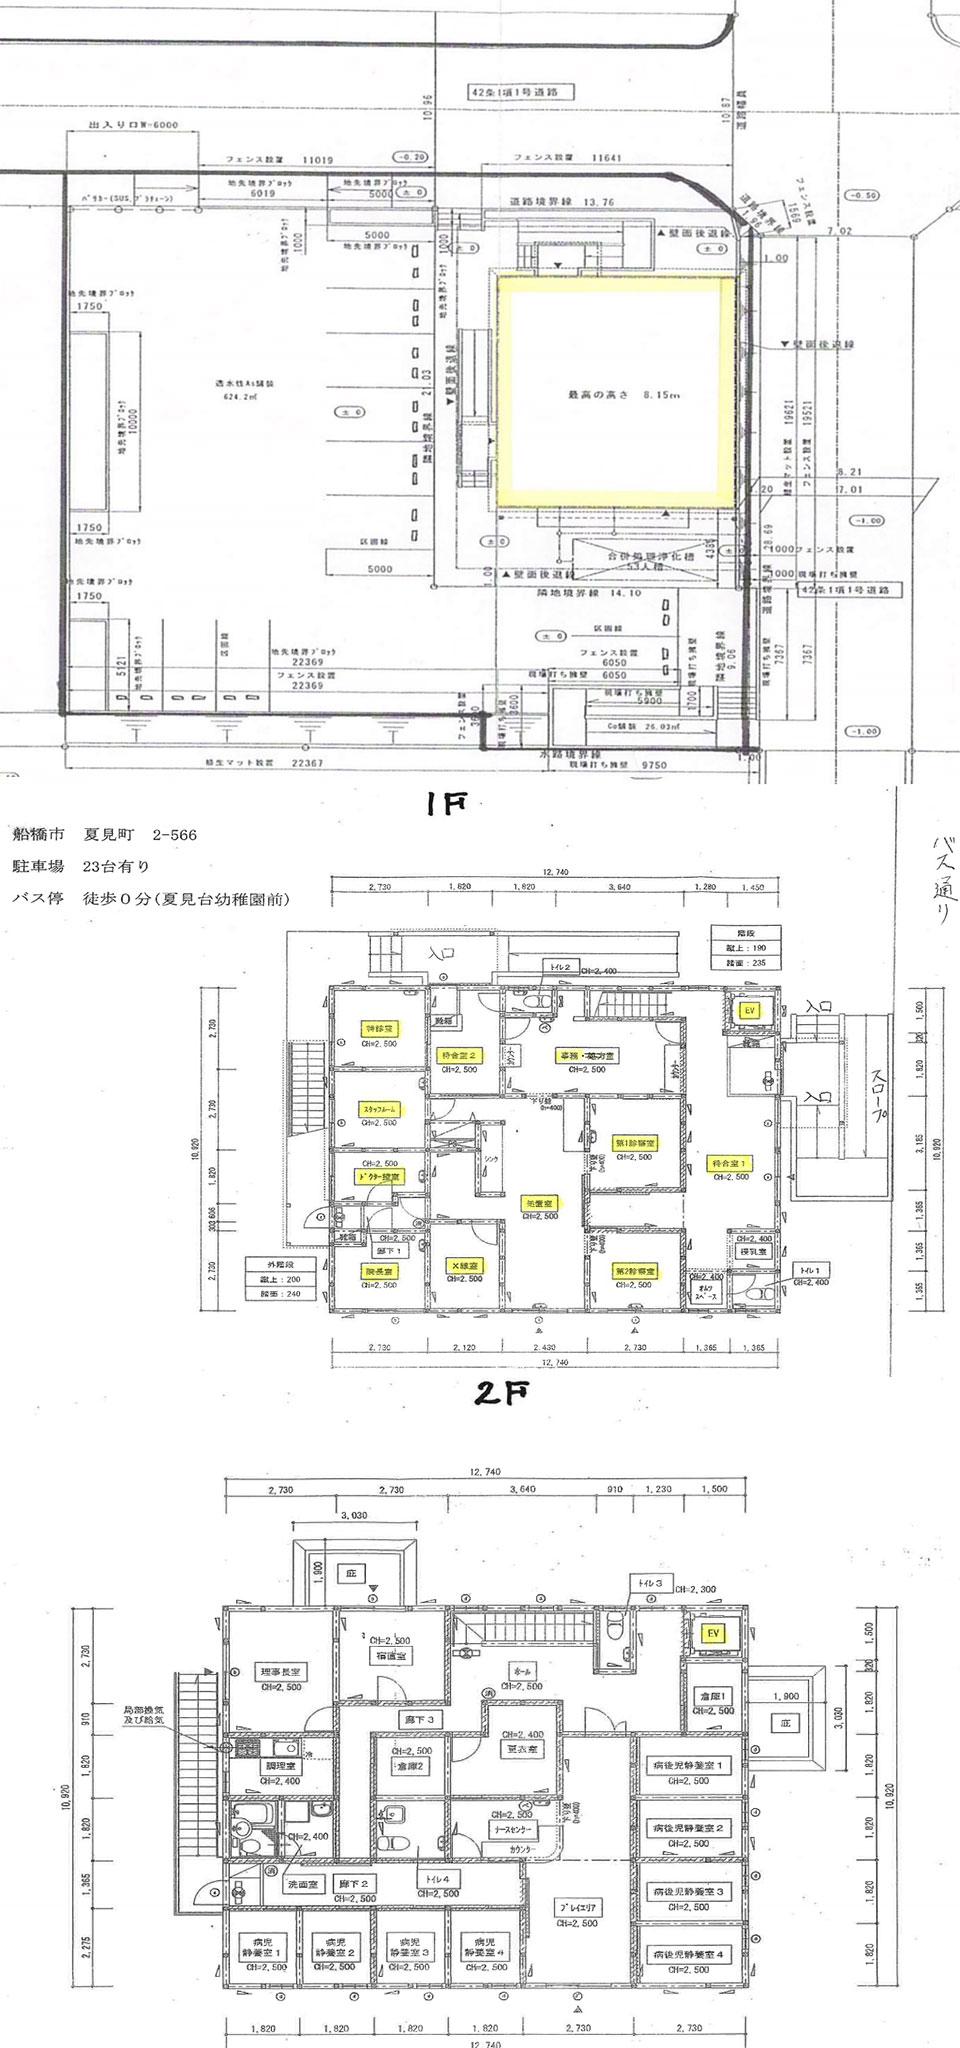 船橋市立医療センターそば(居抜き物件)の間取り図